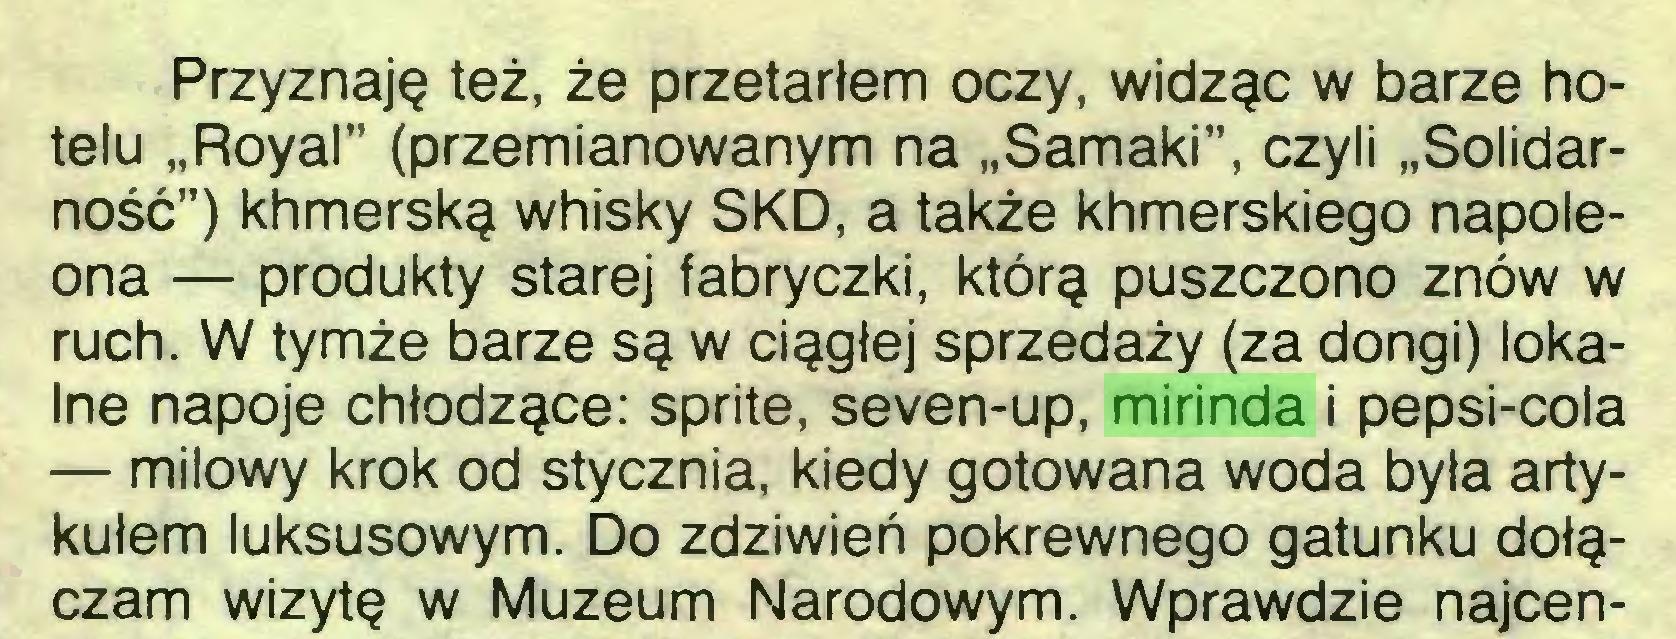 """(...) Przyznaję też, że przetarłem oczy, widząc w barze hotelu """"Royal"""" (przemianowanym na """"Sarnaki"""", czyli """"Solidarność"""") khmerską whisky SKD, a także khmerskiego napoleona — produkty starej fabryczki, którą puszczono znów w ruch. W tymże barze są w ciągłej sprzedaży (za dongi) lokalne napoje chłodzące: sprite, seven-up, mirinda i pepsi-cola — milowy krok od stycznia, kiedy gotowana woda była artykułem luksusowym. Do zdziwień pokrewnego gatunku dołączam wizytę w Muzeum Narodowym. Wprawdzie najcen..."""